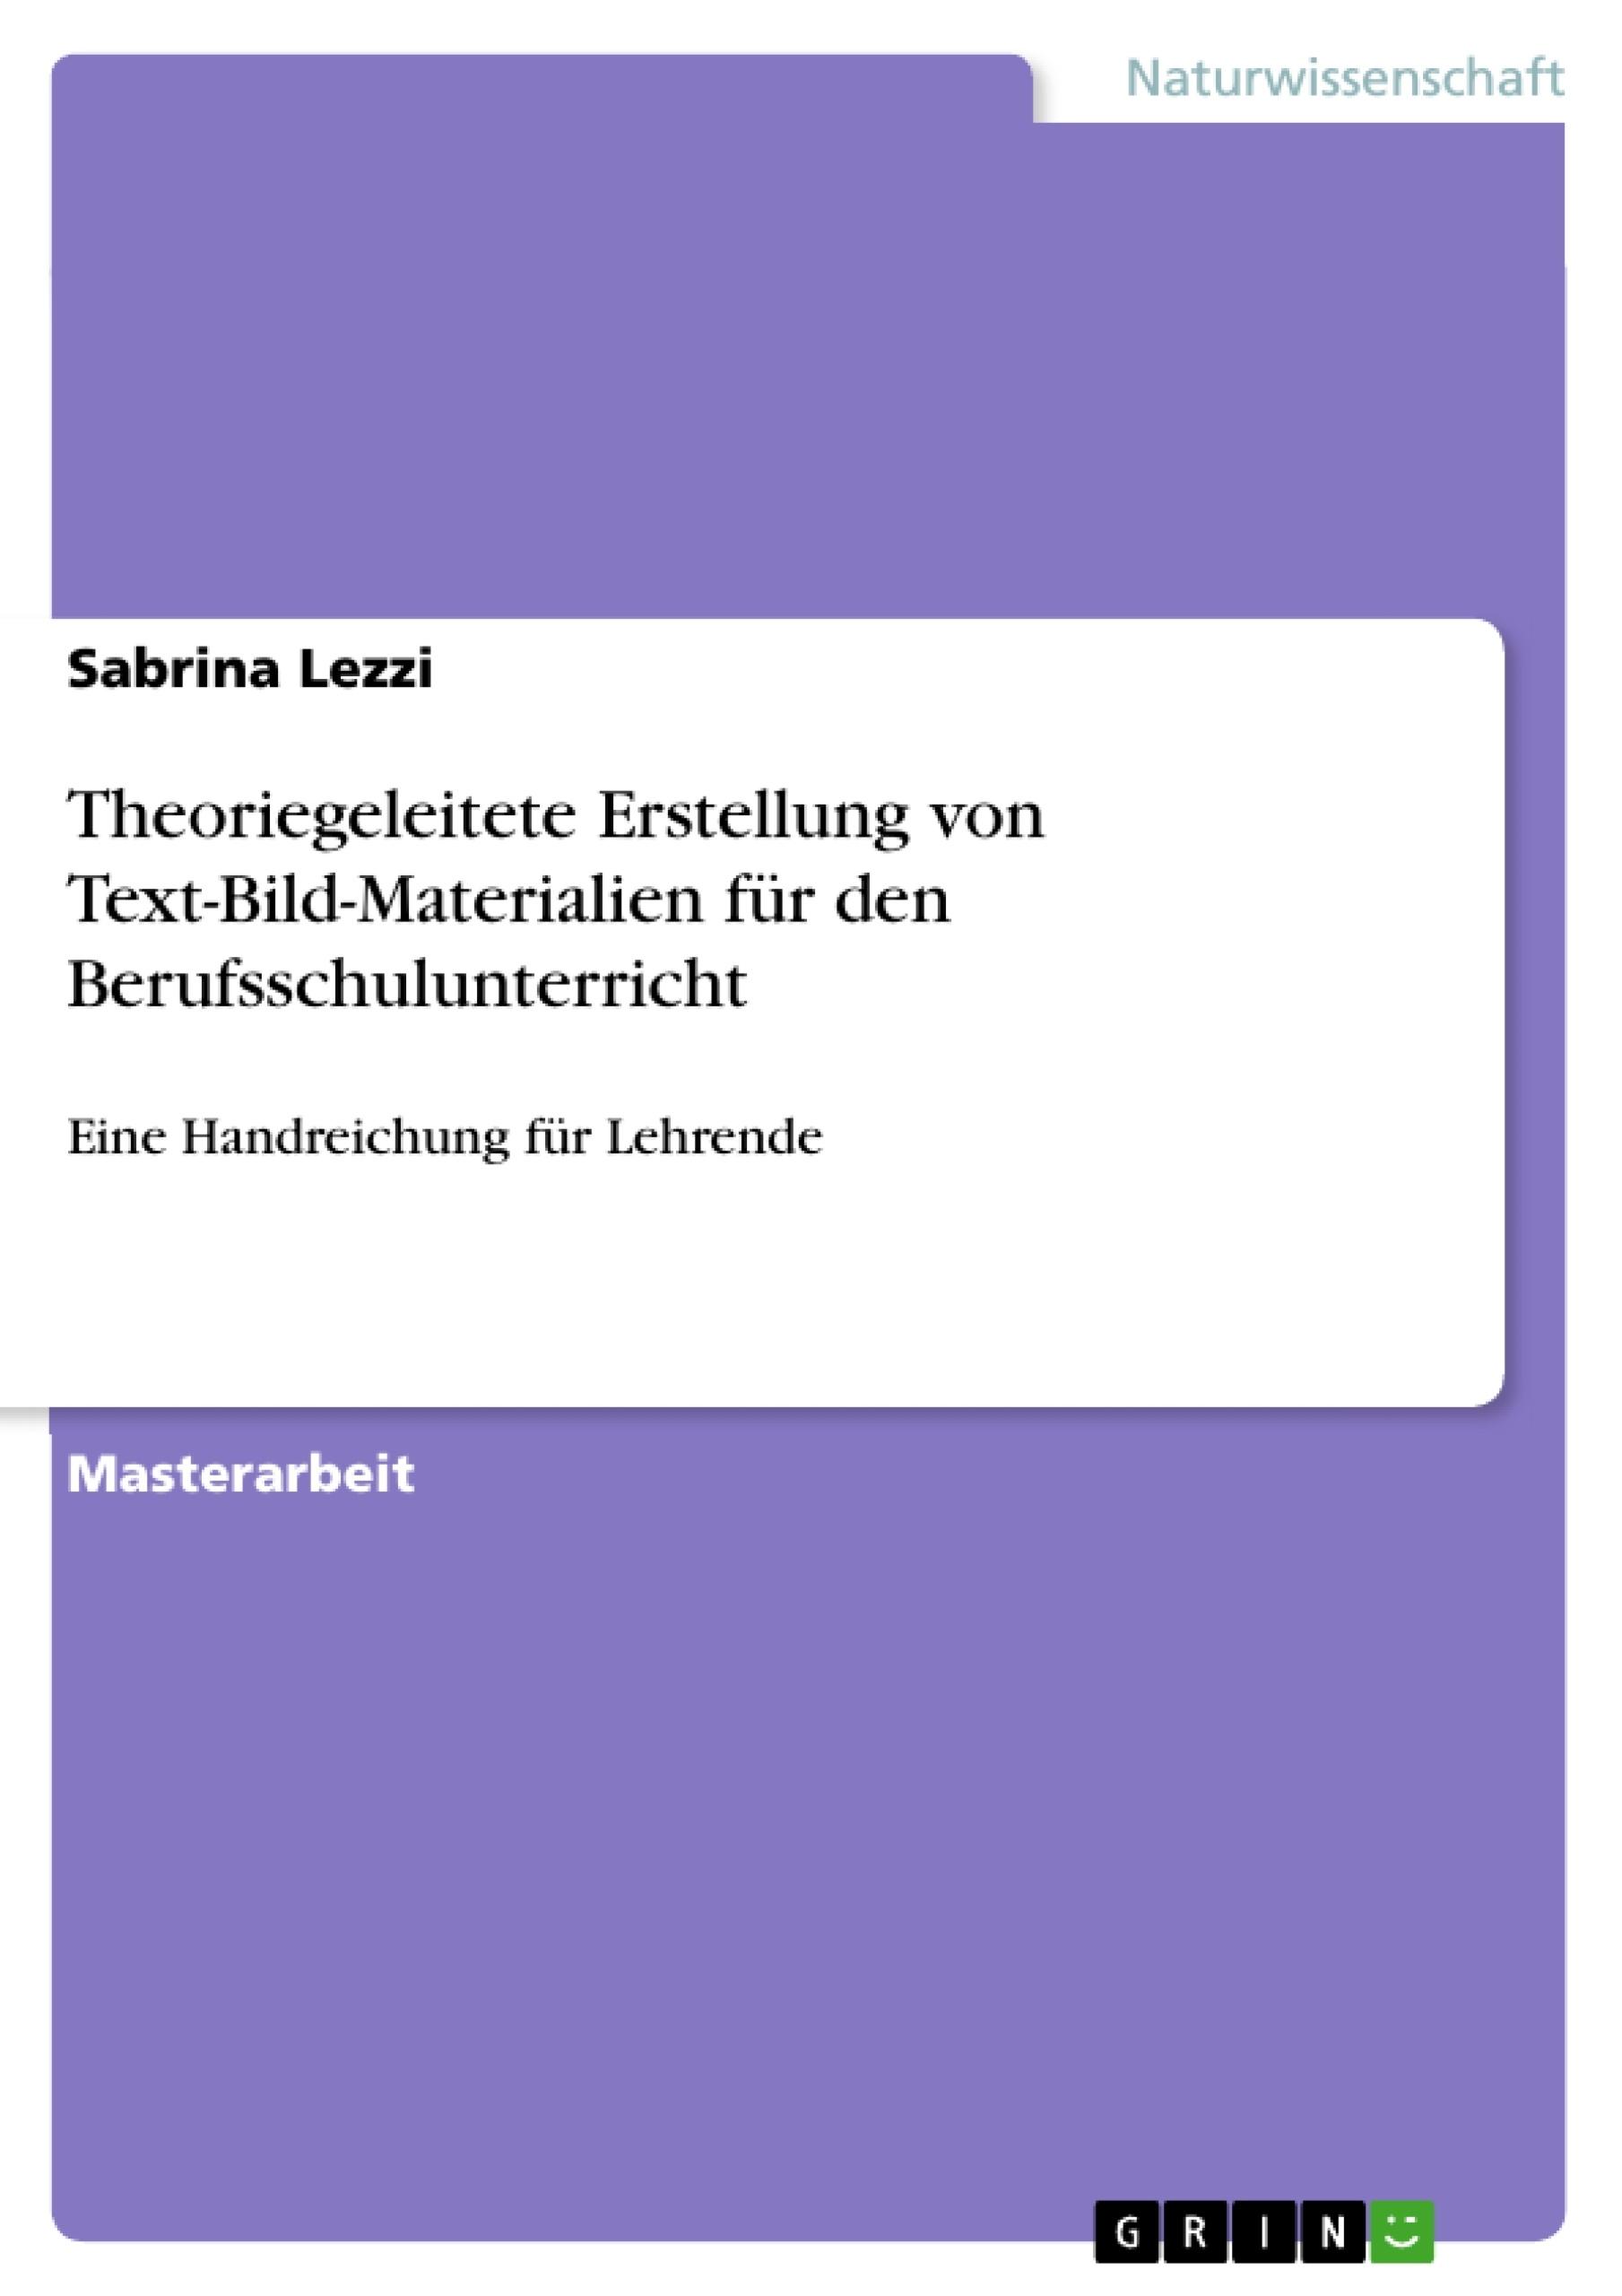 Titel: Theoriegeleitete Erstellung von Text-Bild-Materialien für den Berufsschulunterricht